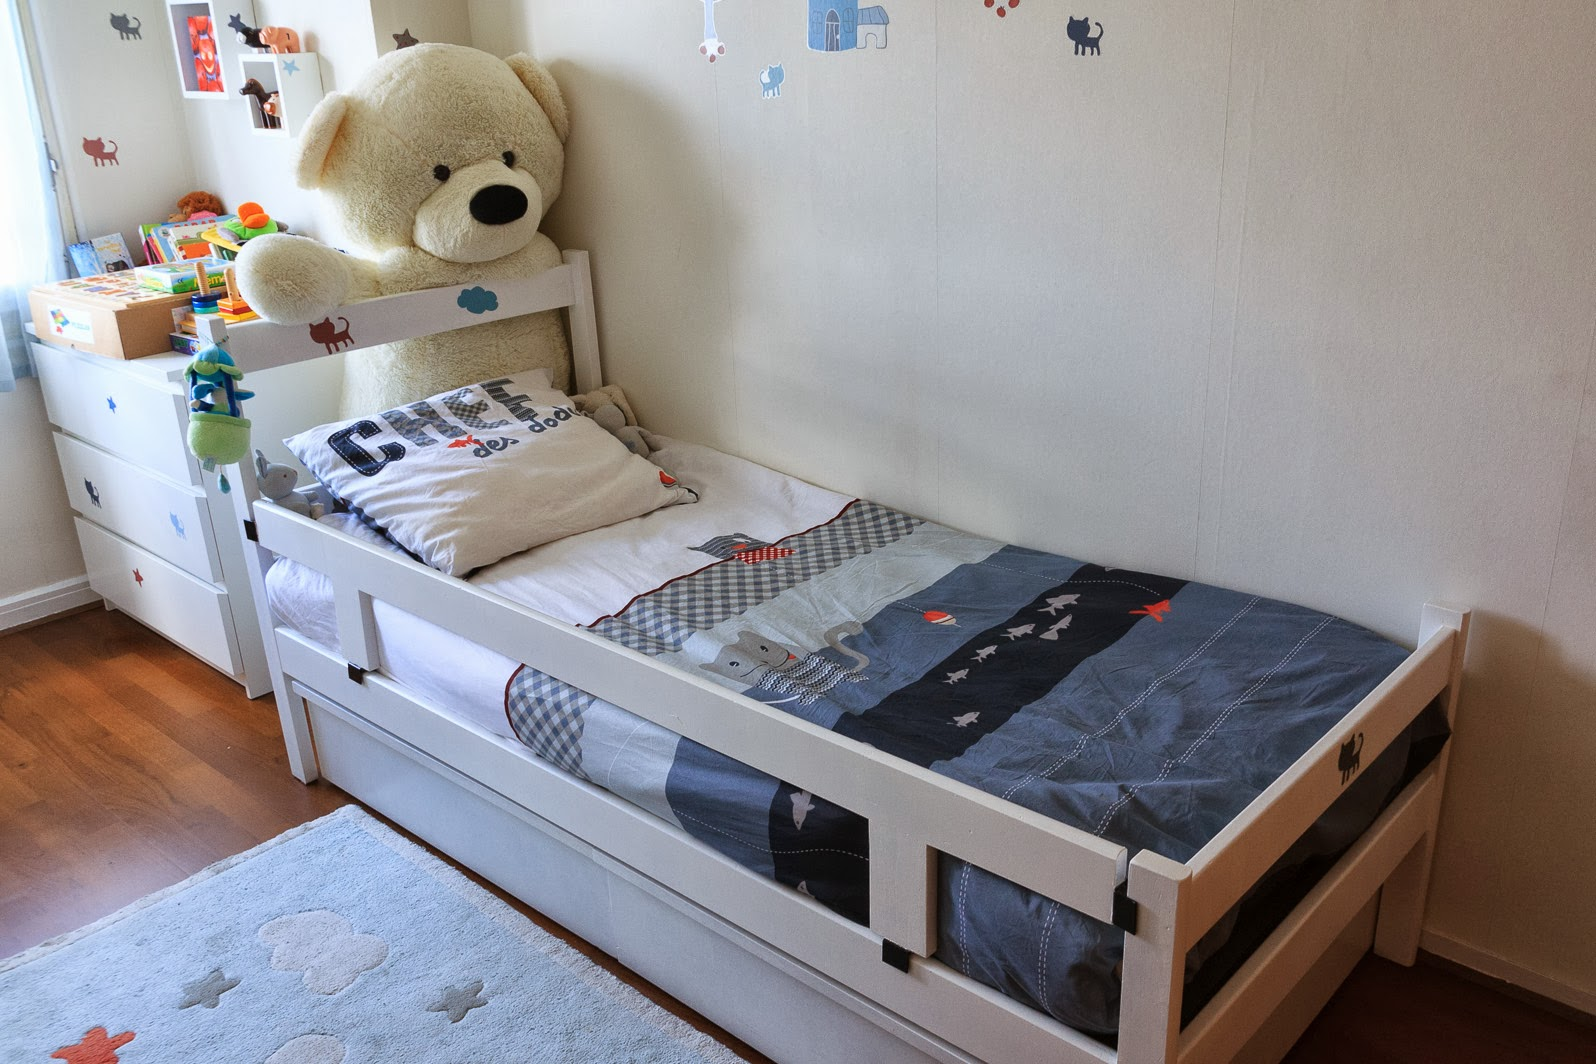 Agencer et mijoter diy repeindre un lit d enfant - Repeindre un lit en bois ...